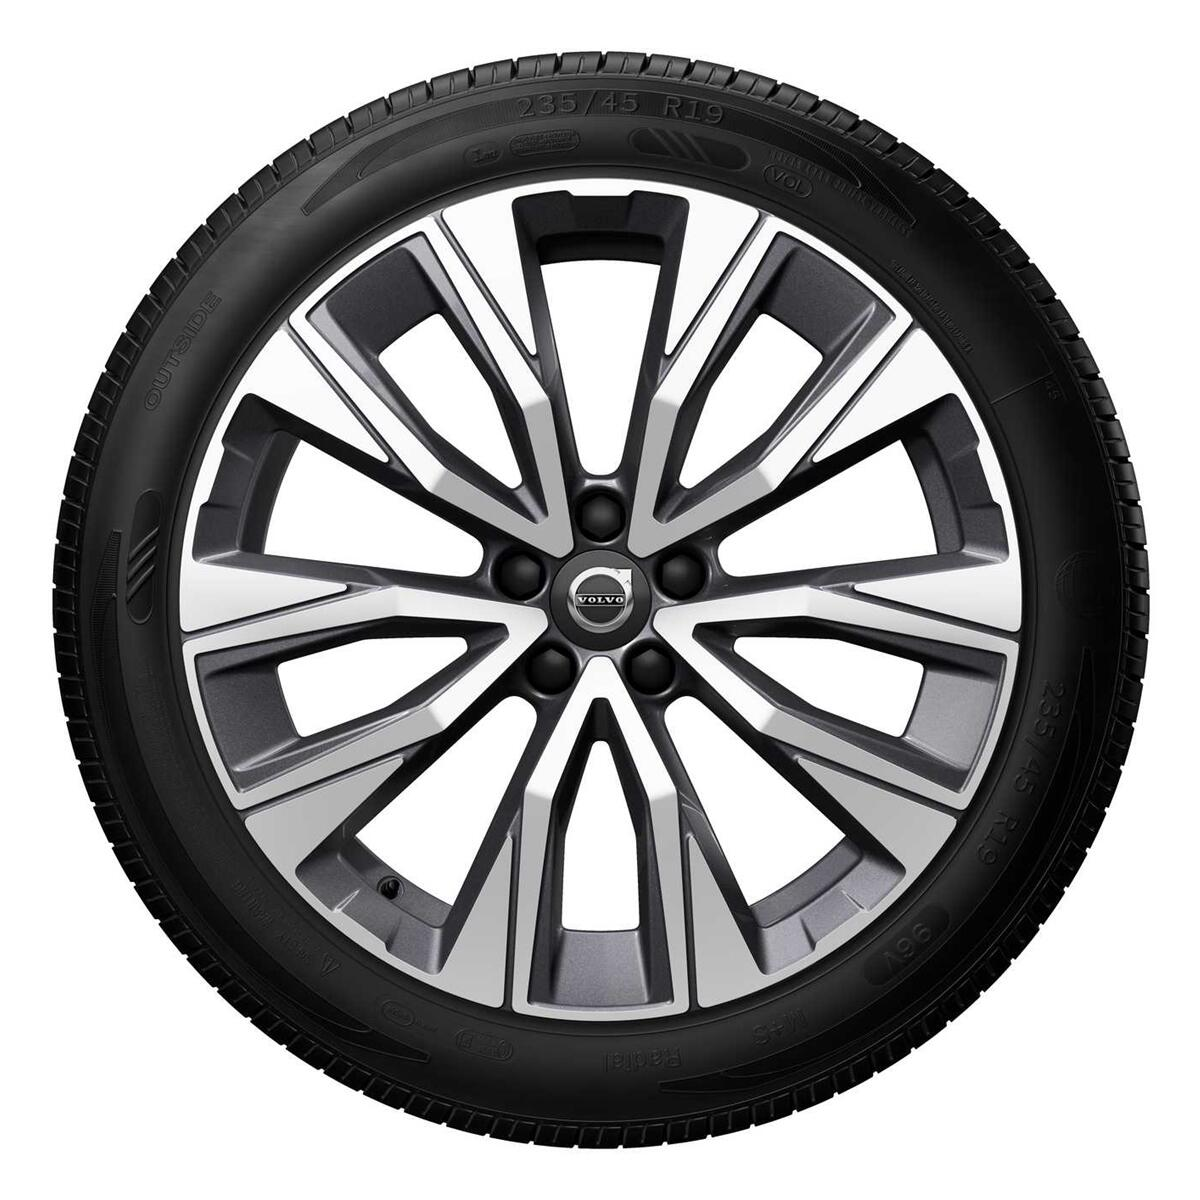 Komplet zimskih točkova: 19'', pneumatici Pirelli